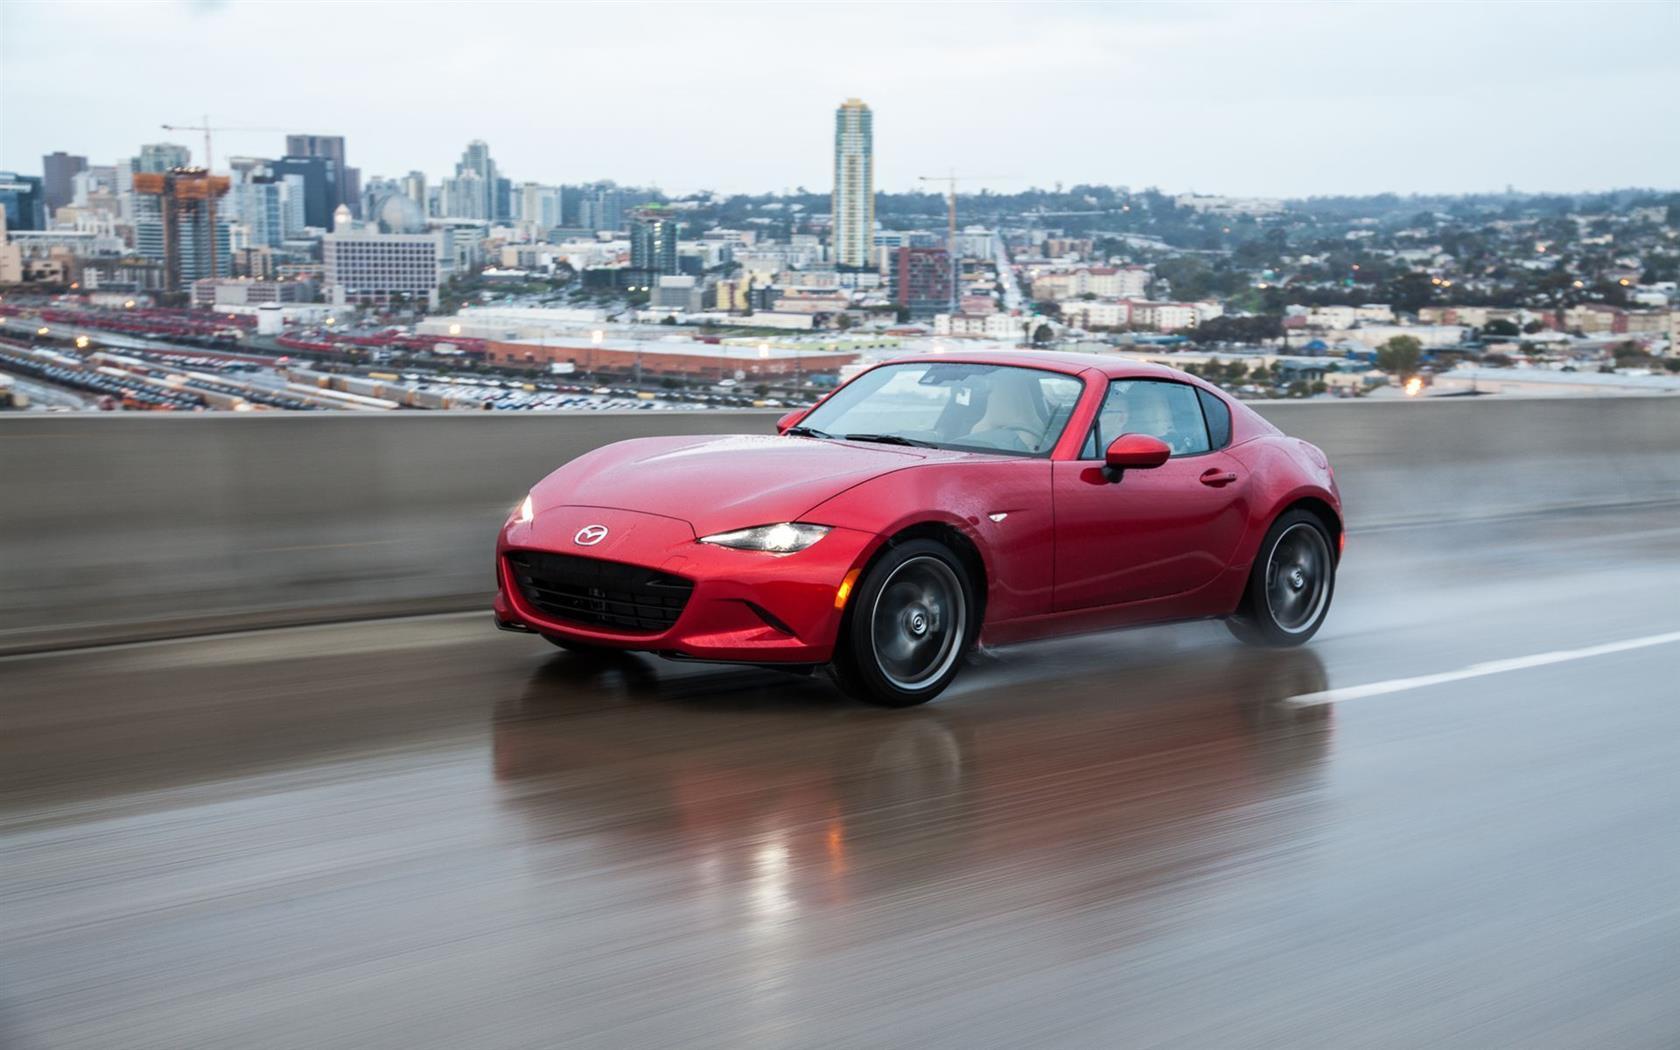 Official: The 2019 Mazda MX-5 Miata will have 181 hp, more revs 2018 mazda miata photos